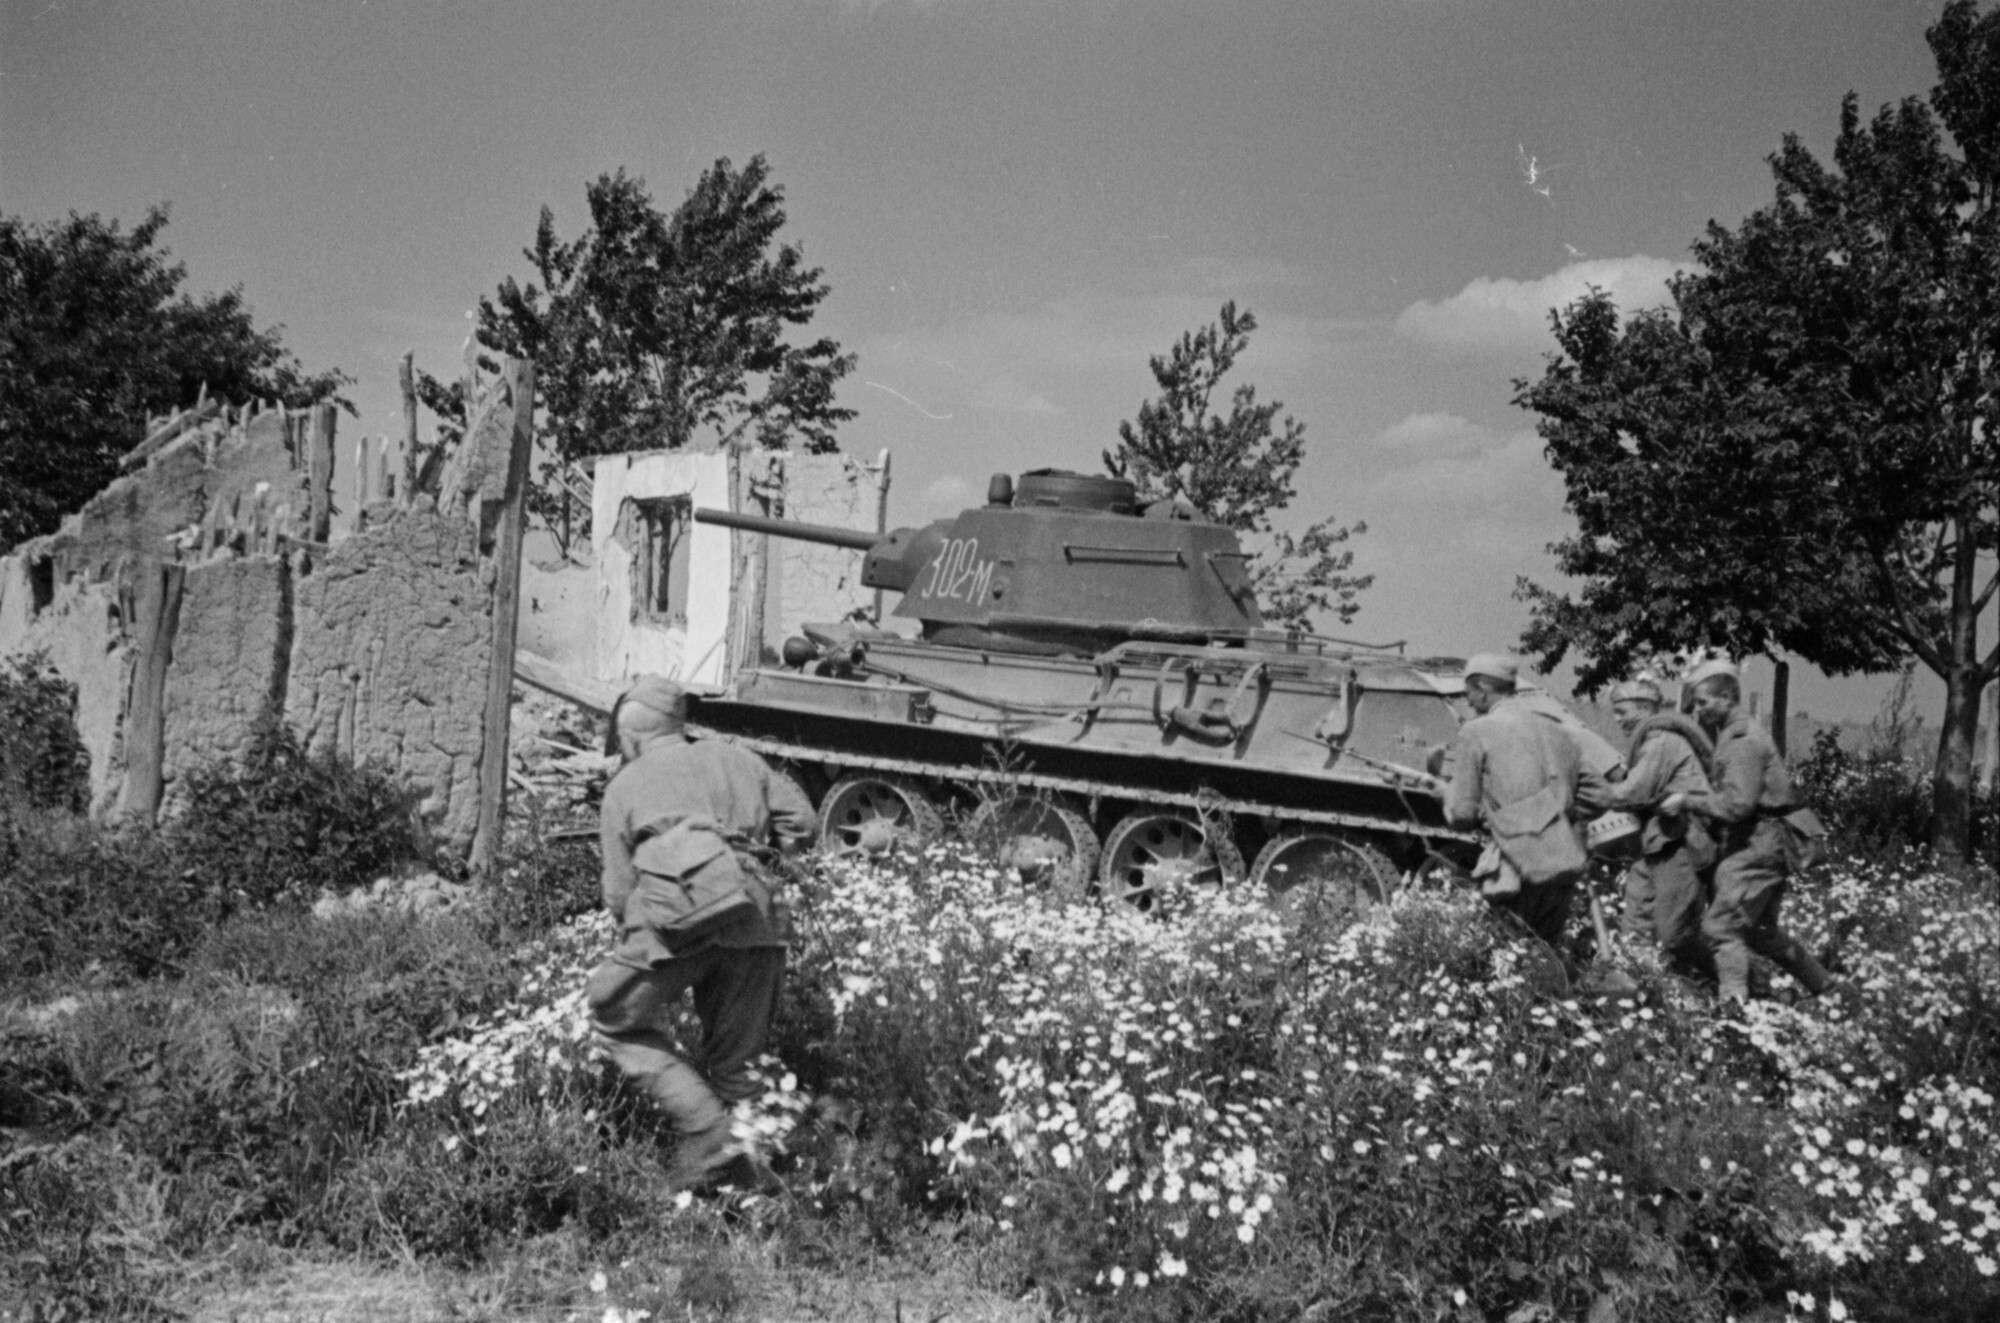 Неизвестный автор Группа пехотинцев Советской армии под прикрытием танка идет в наступление на окраине Бухареста  Румыния, 1944